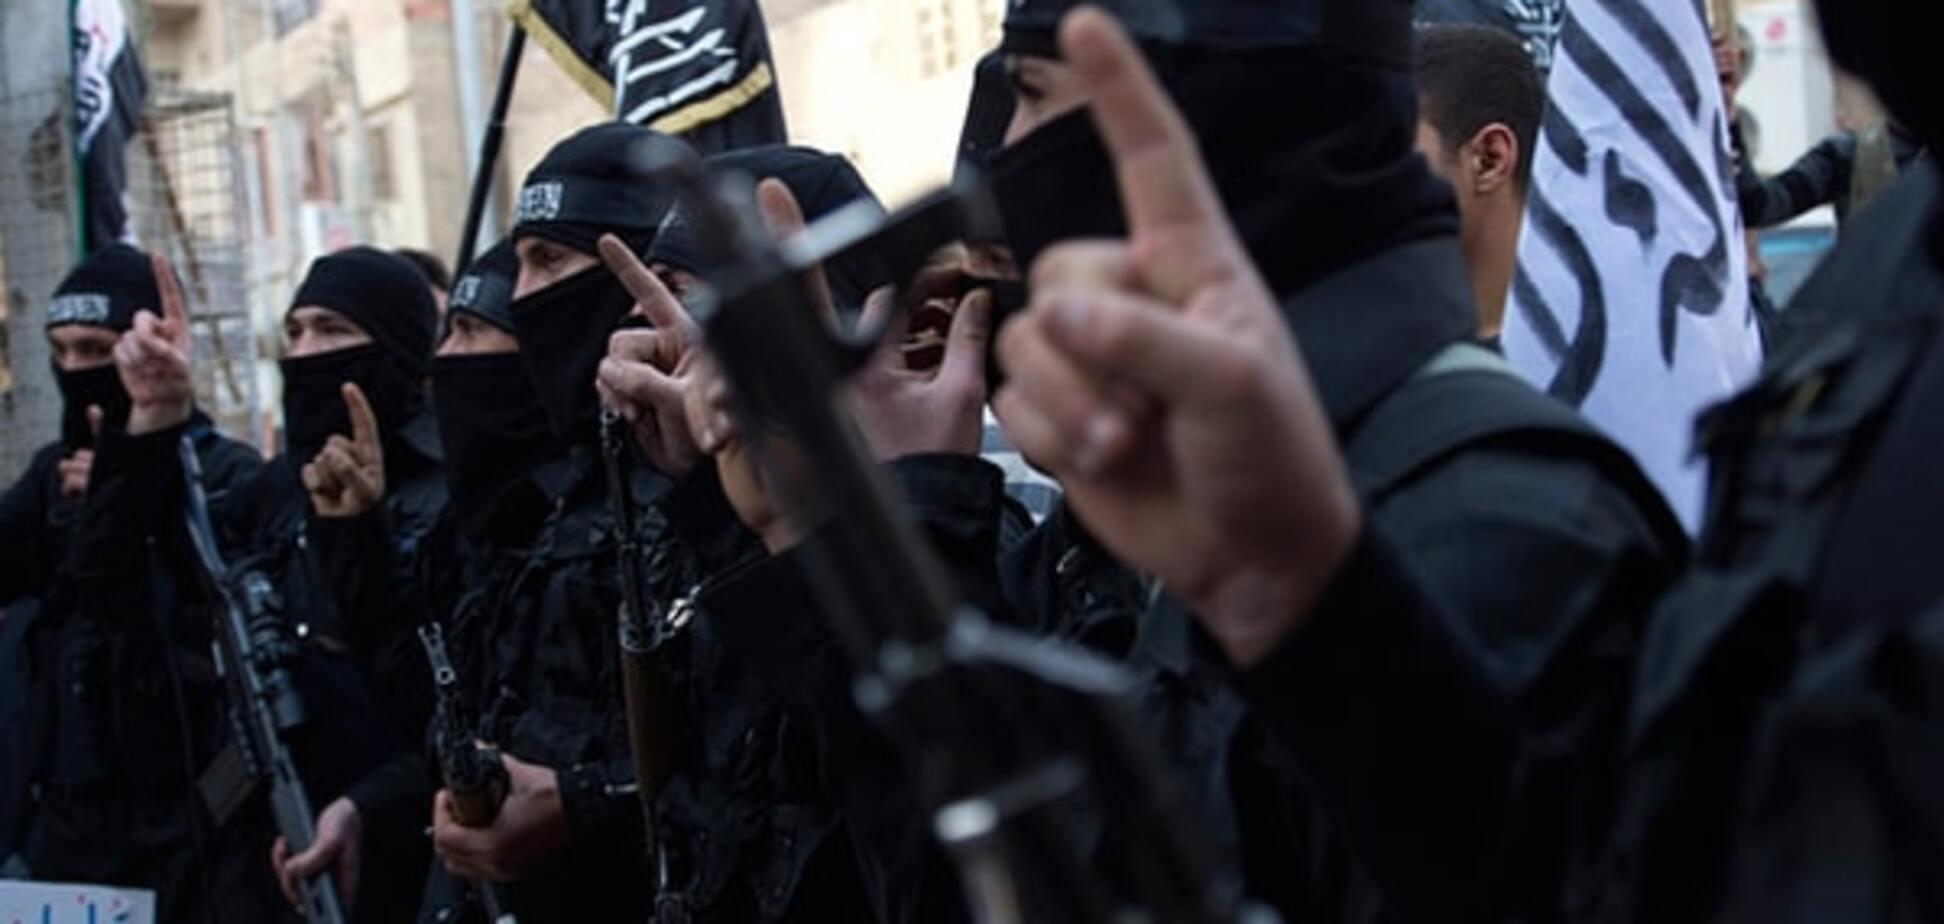 В 6 странах Европы поймали исламистов, готовивших теракты